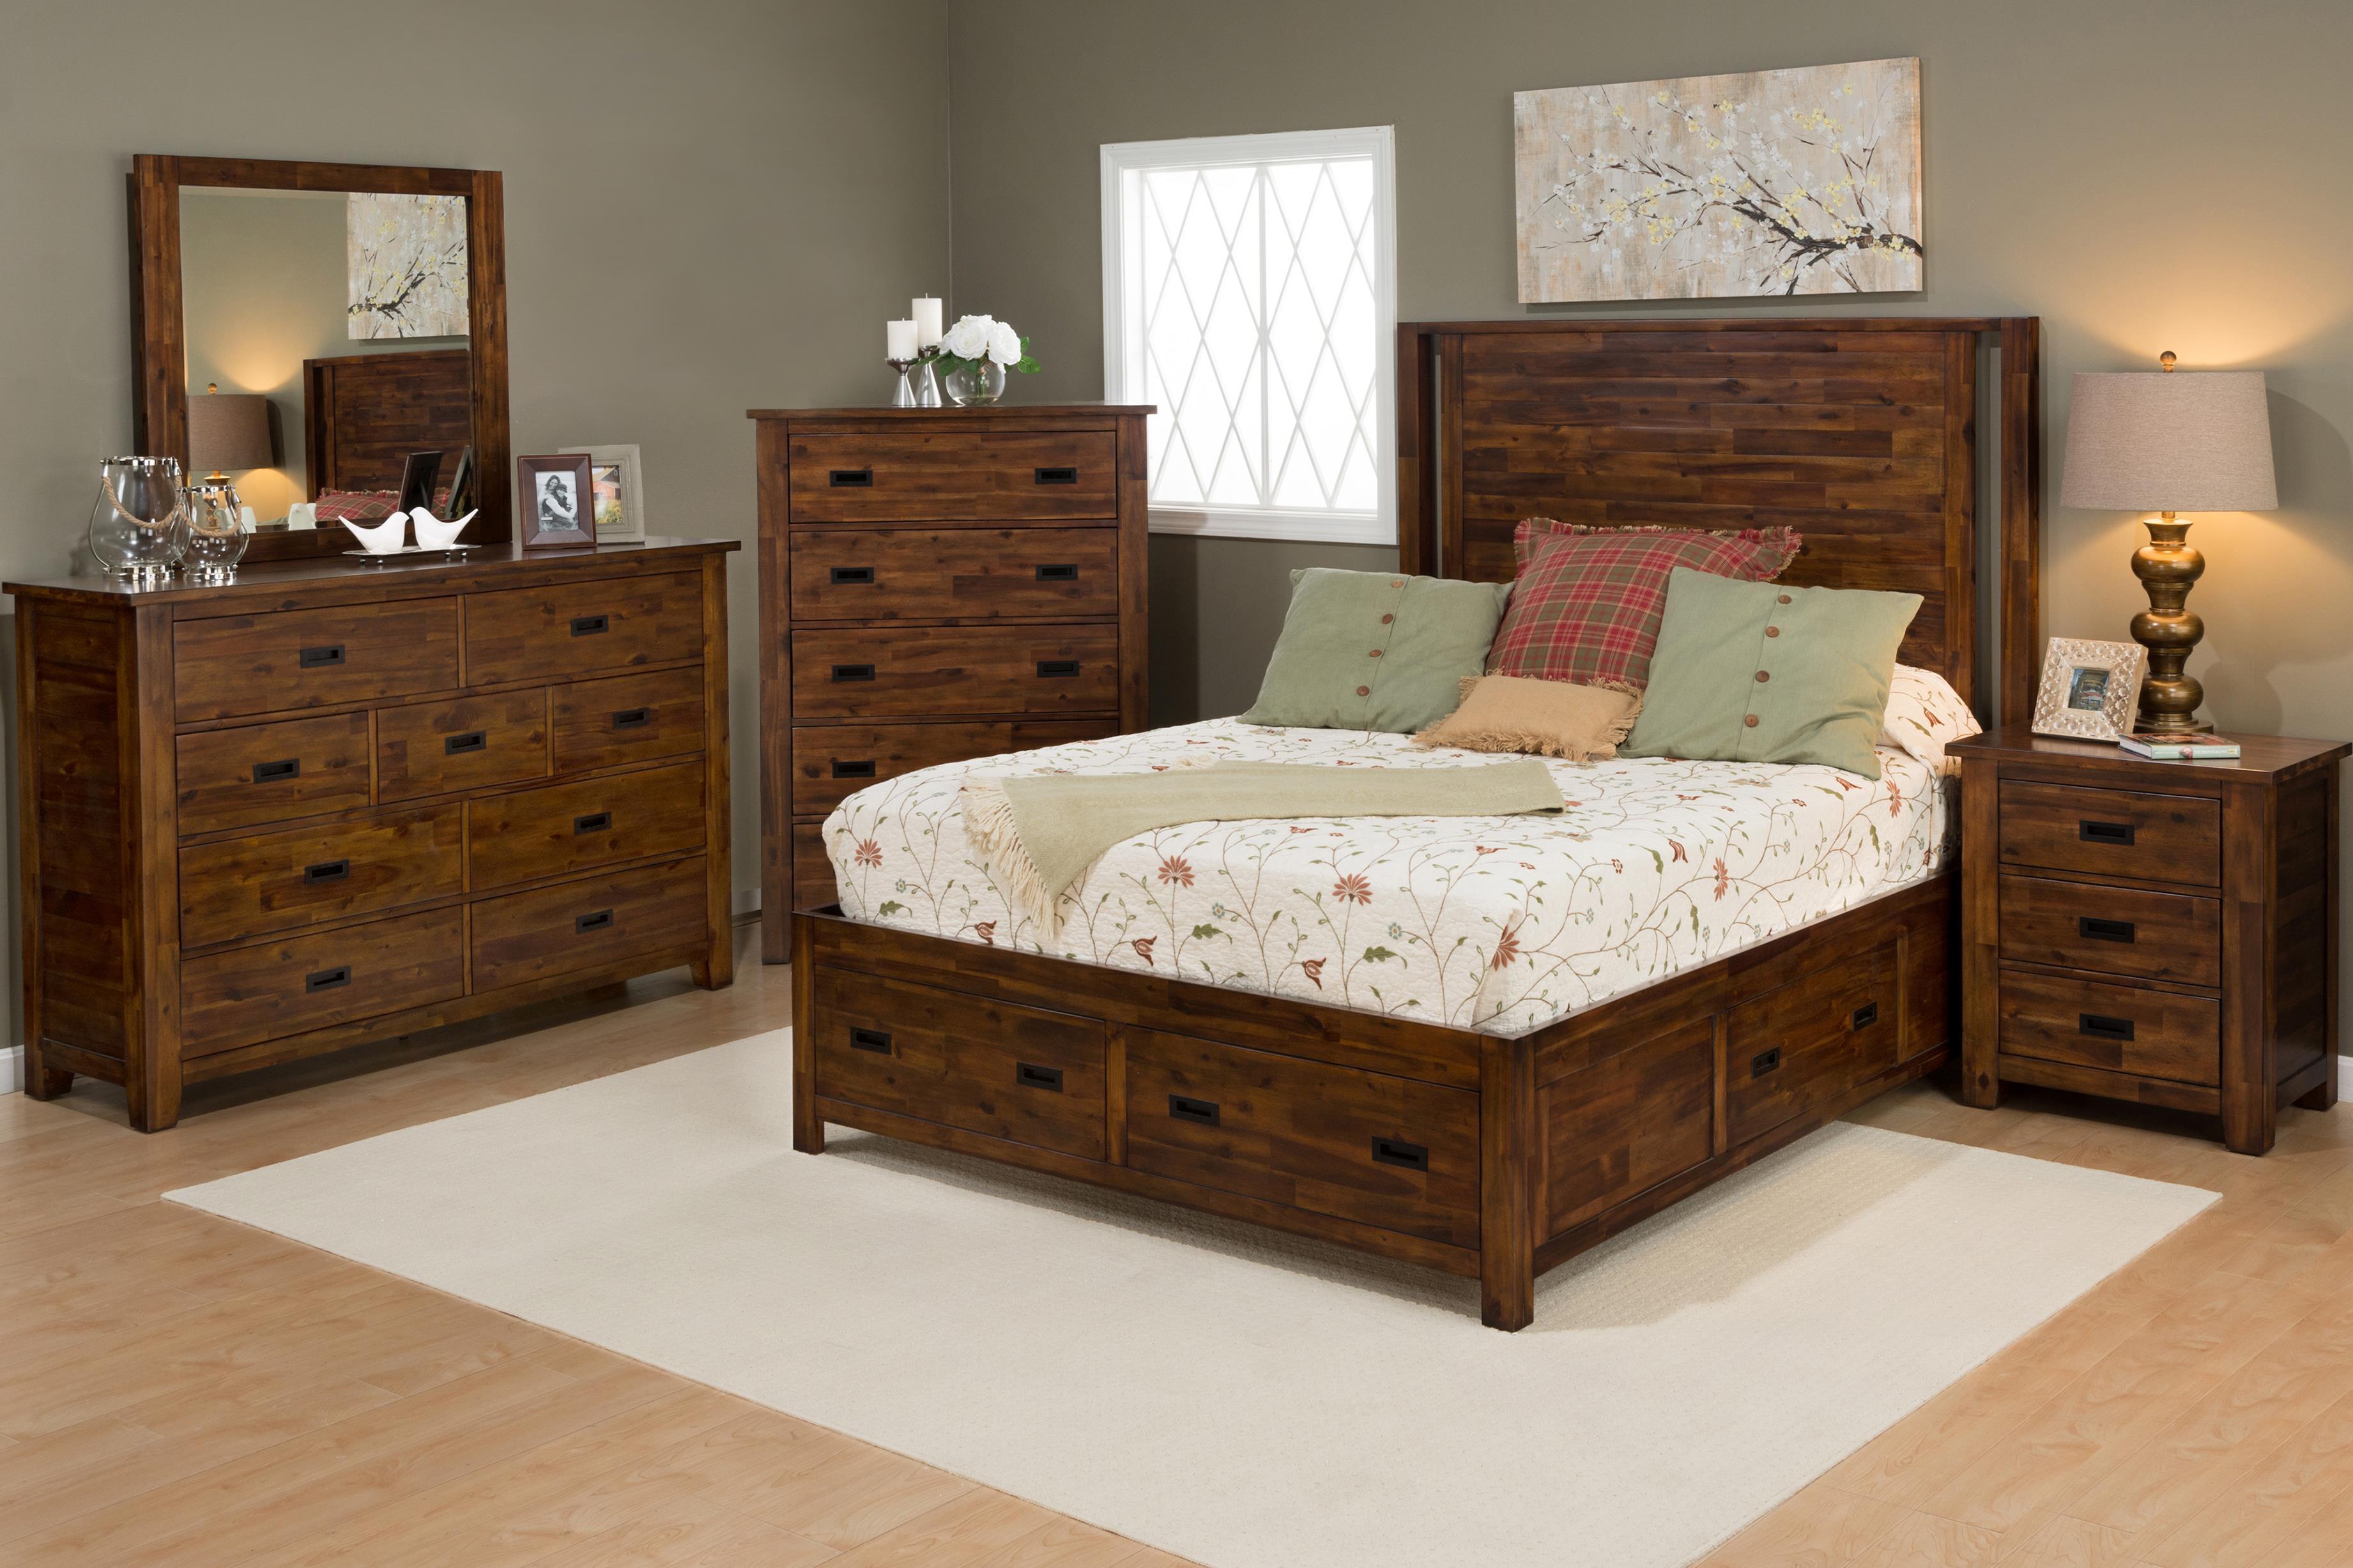 Jofran Coltran 5PC Queen Bedroom Set - Item Number: 1503 Q Bedroom Group 1